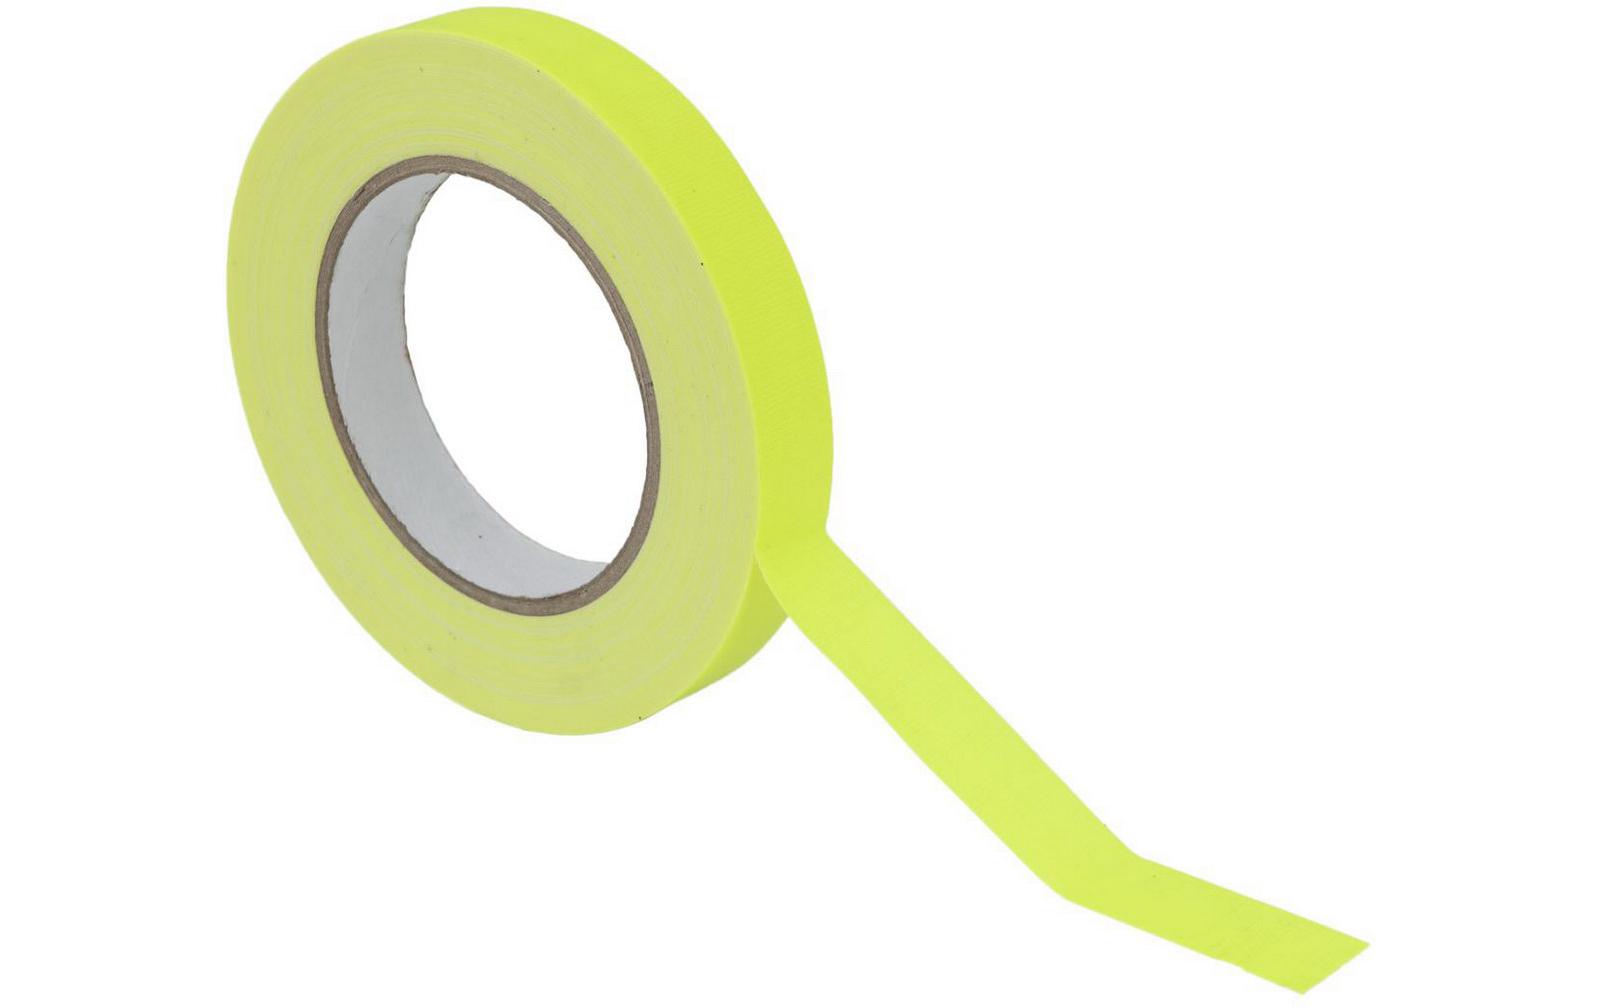 gaffa-tape-19mm-x-25m-neongelb-uv-aktiv